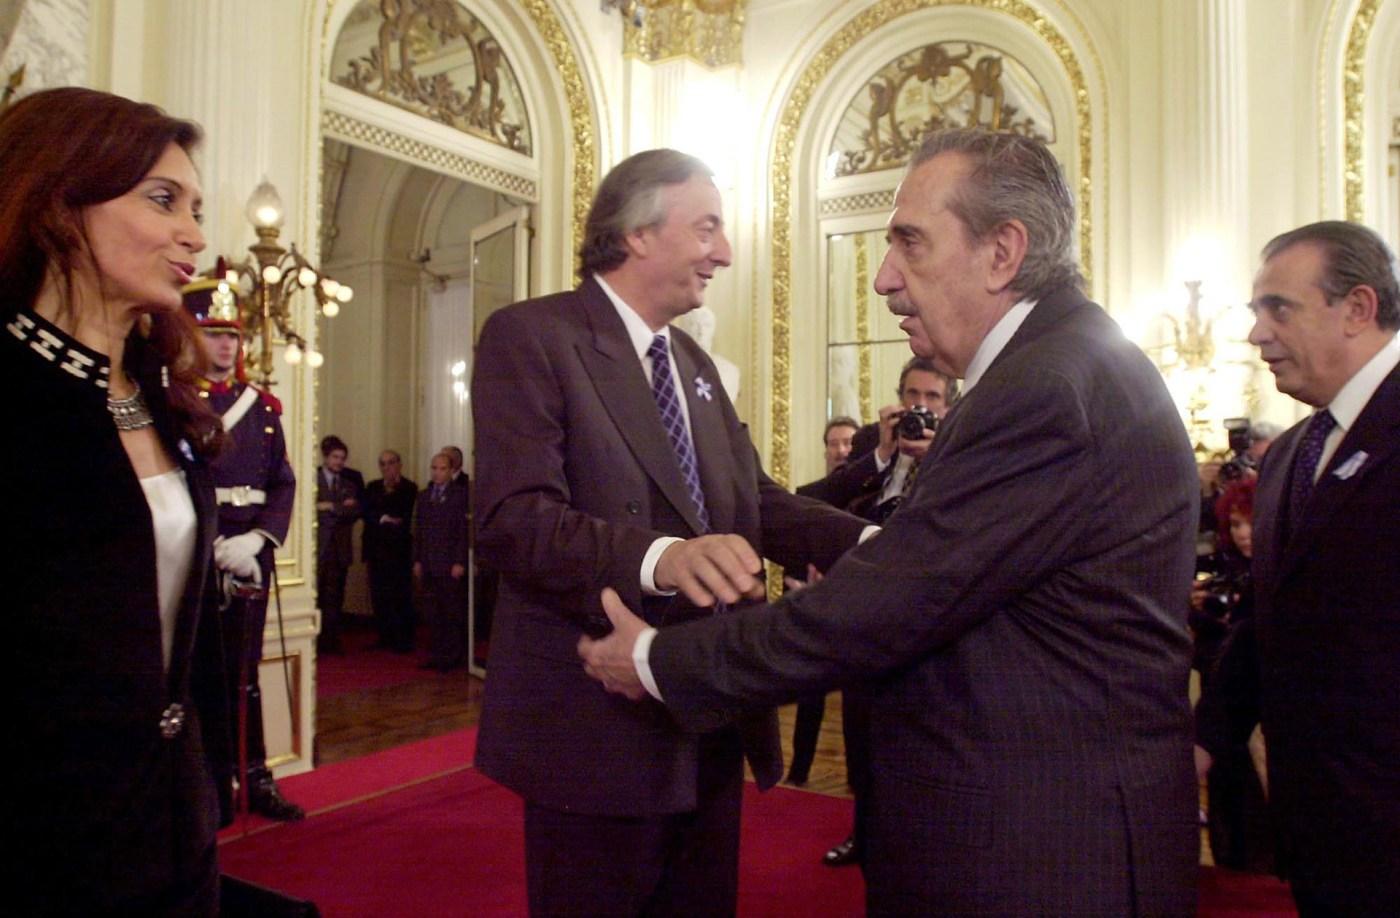 El ex mandatario saluda al entonces presidente Néstor Kirchner y su esposa Cristina Fernandez en la Casa de Gobierno